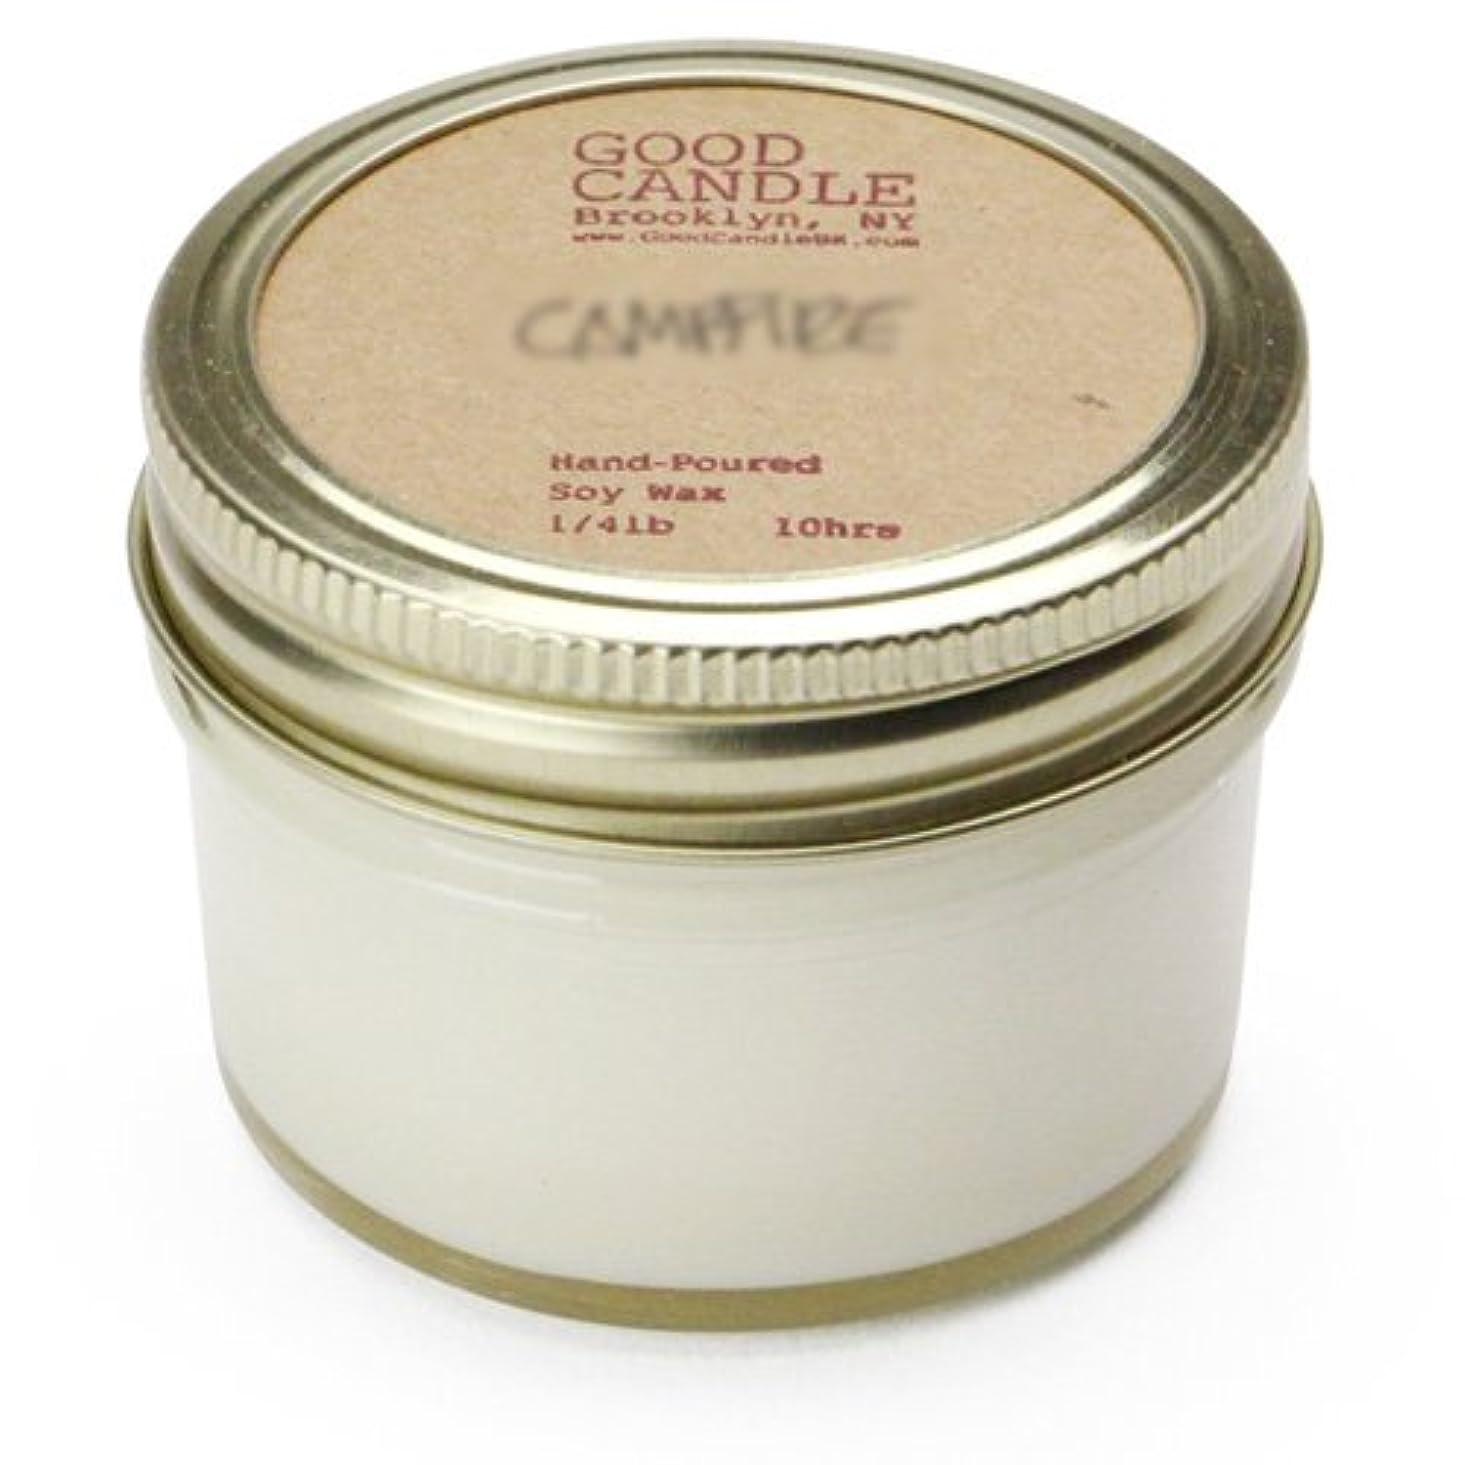 種をまく苦悩カジュアルグッドキャンドル 1/4ポンド ゼリージャー キャンドル Good Candle 1/4LB Jelly jar candle [ Basil ] 正規品